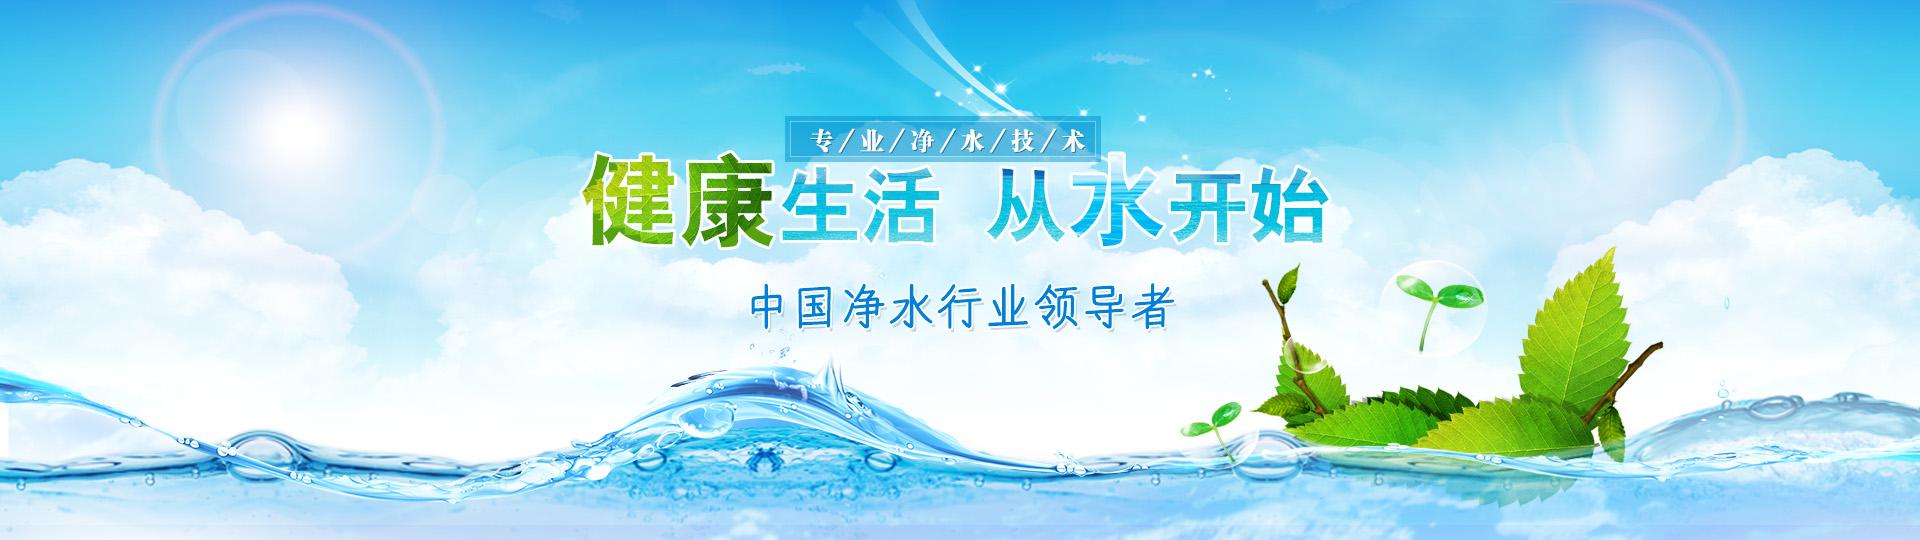 陕西原水处理设备公司